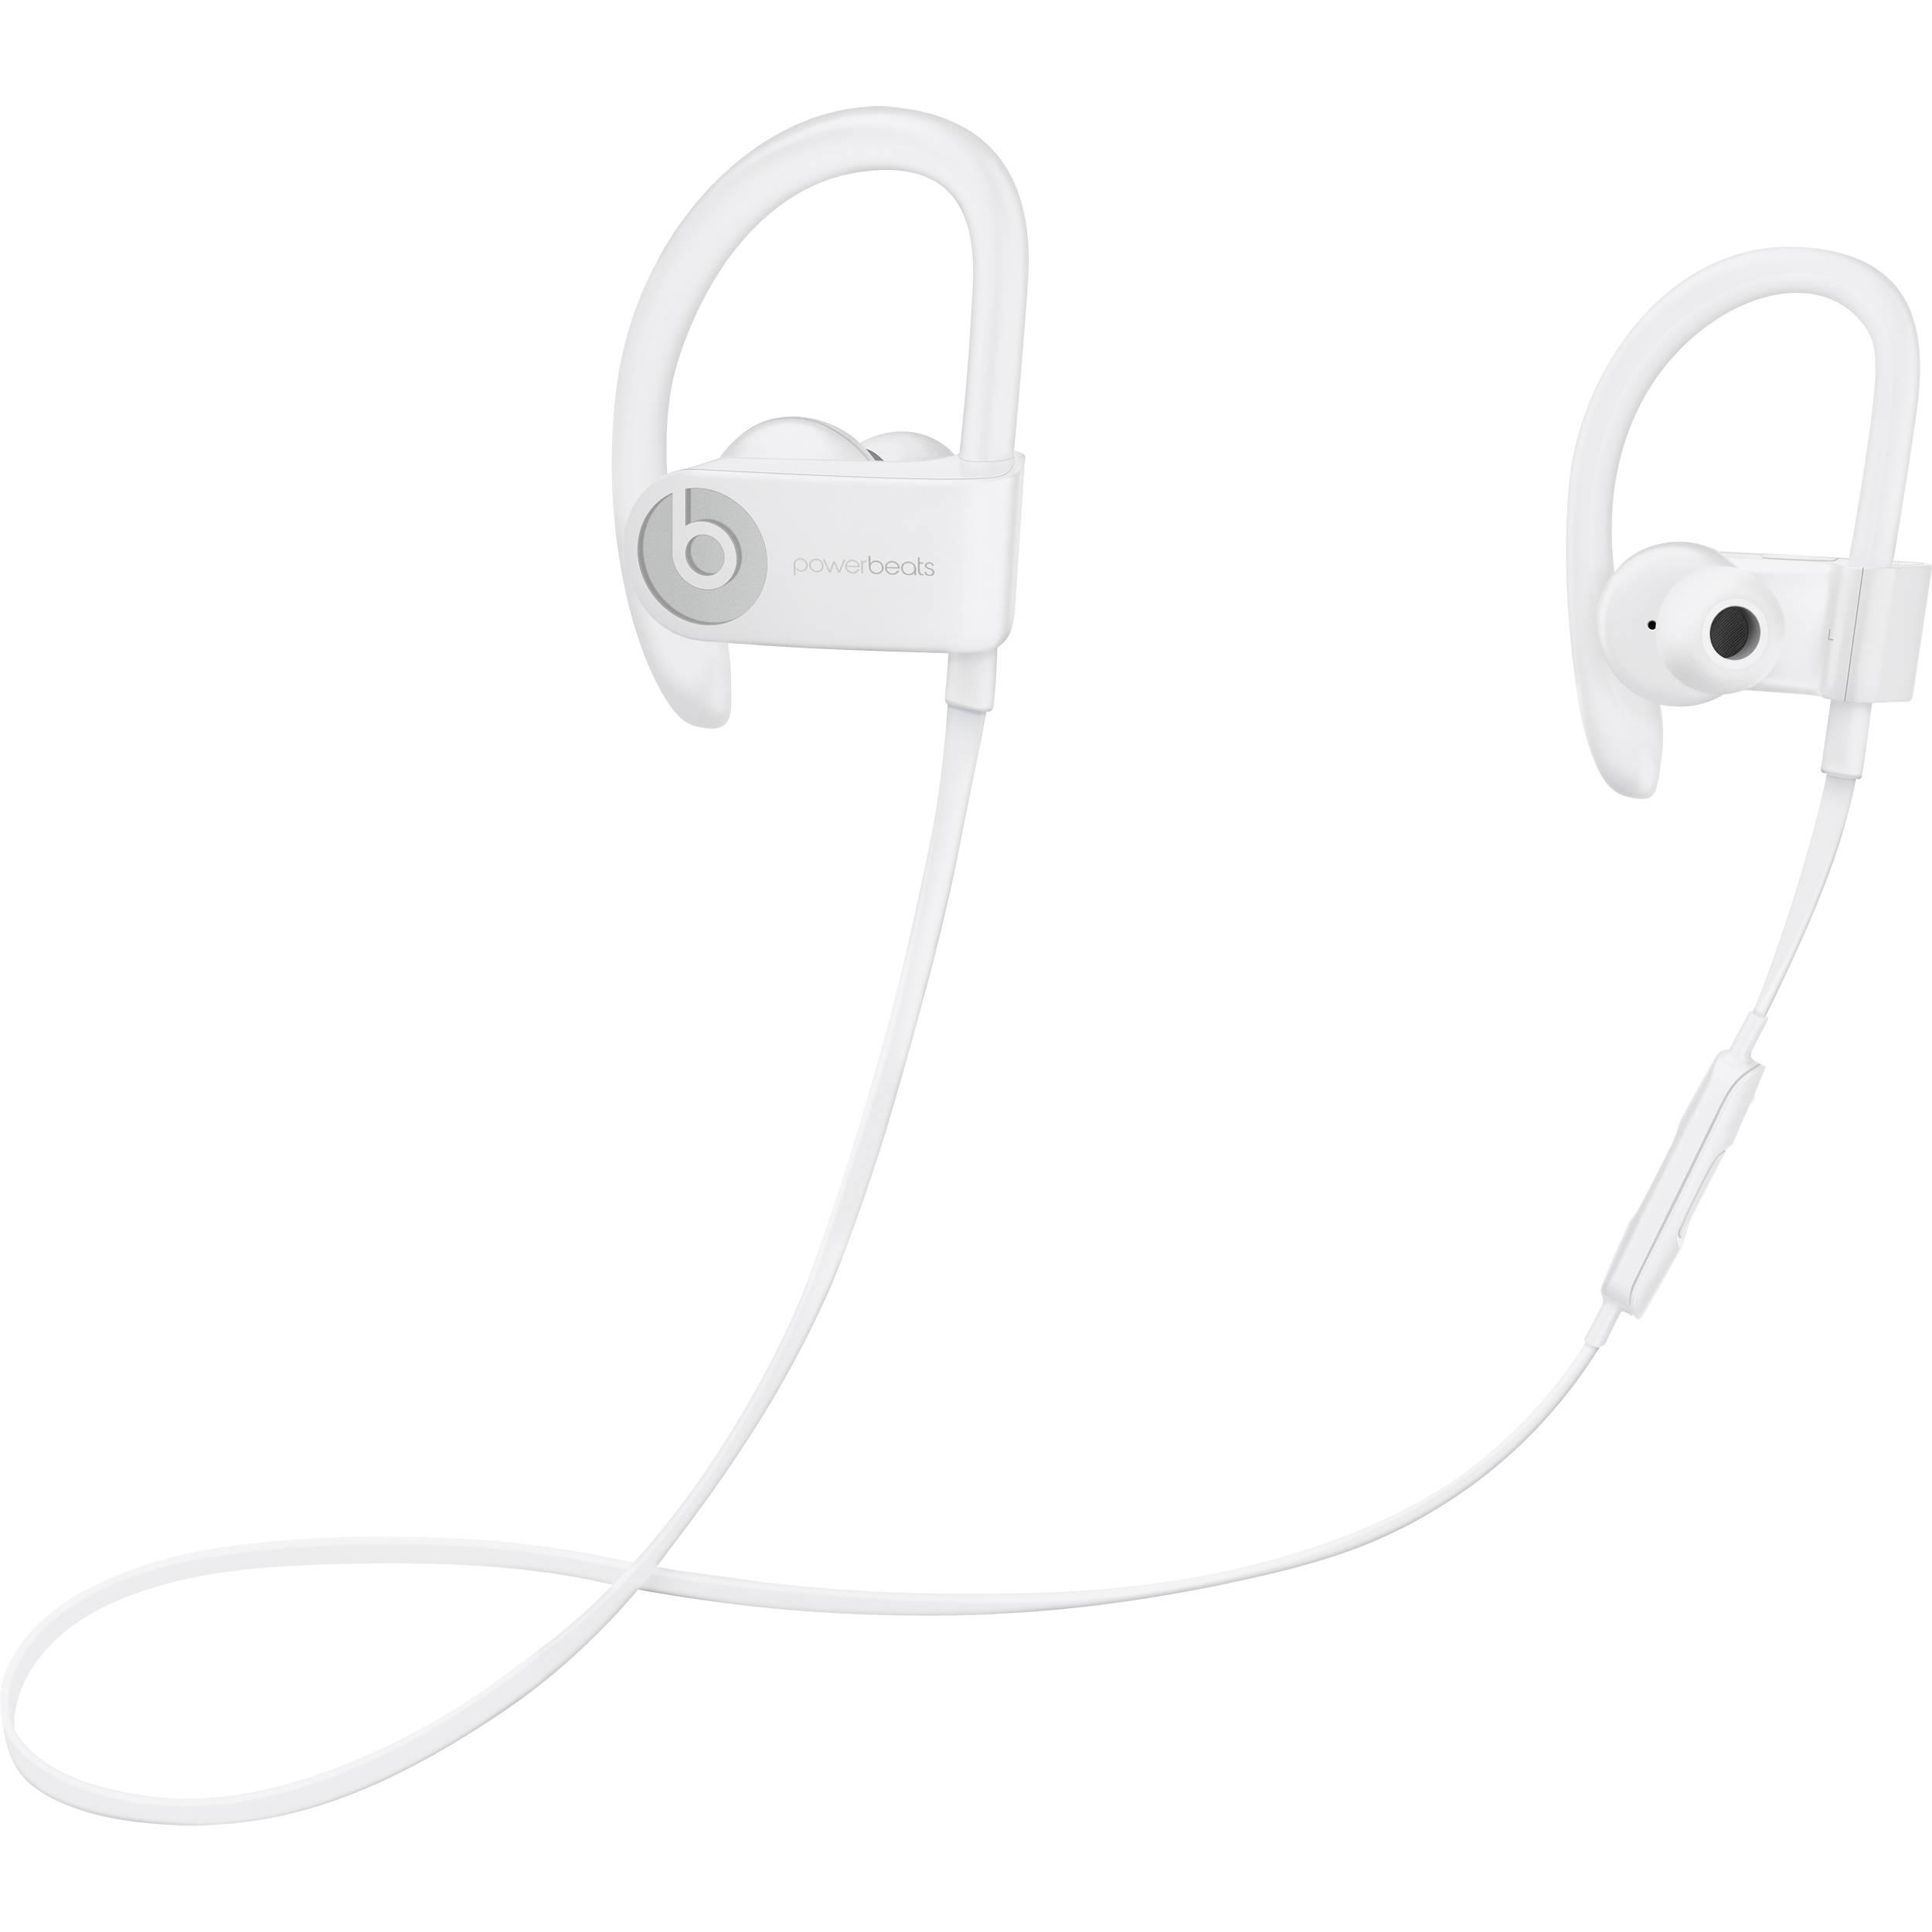 Beats By Dr Dre Powerbeats3 Wireless Earphones White